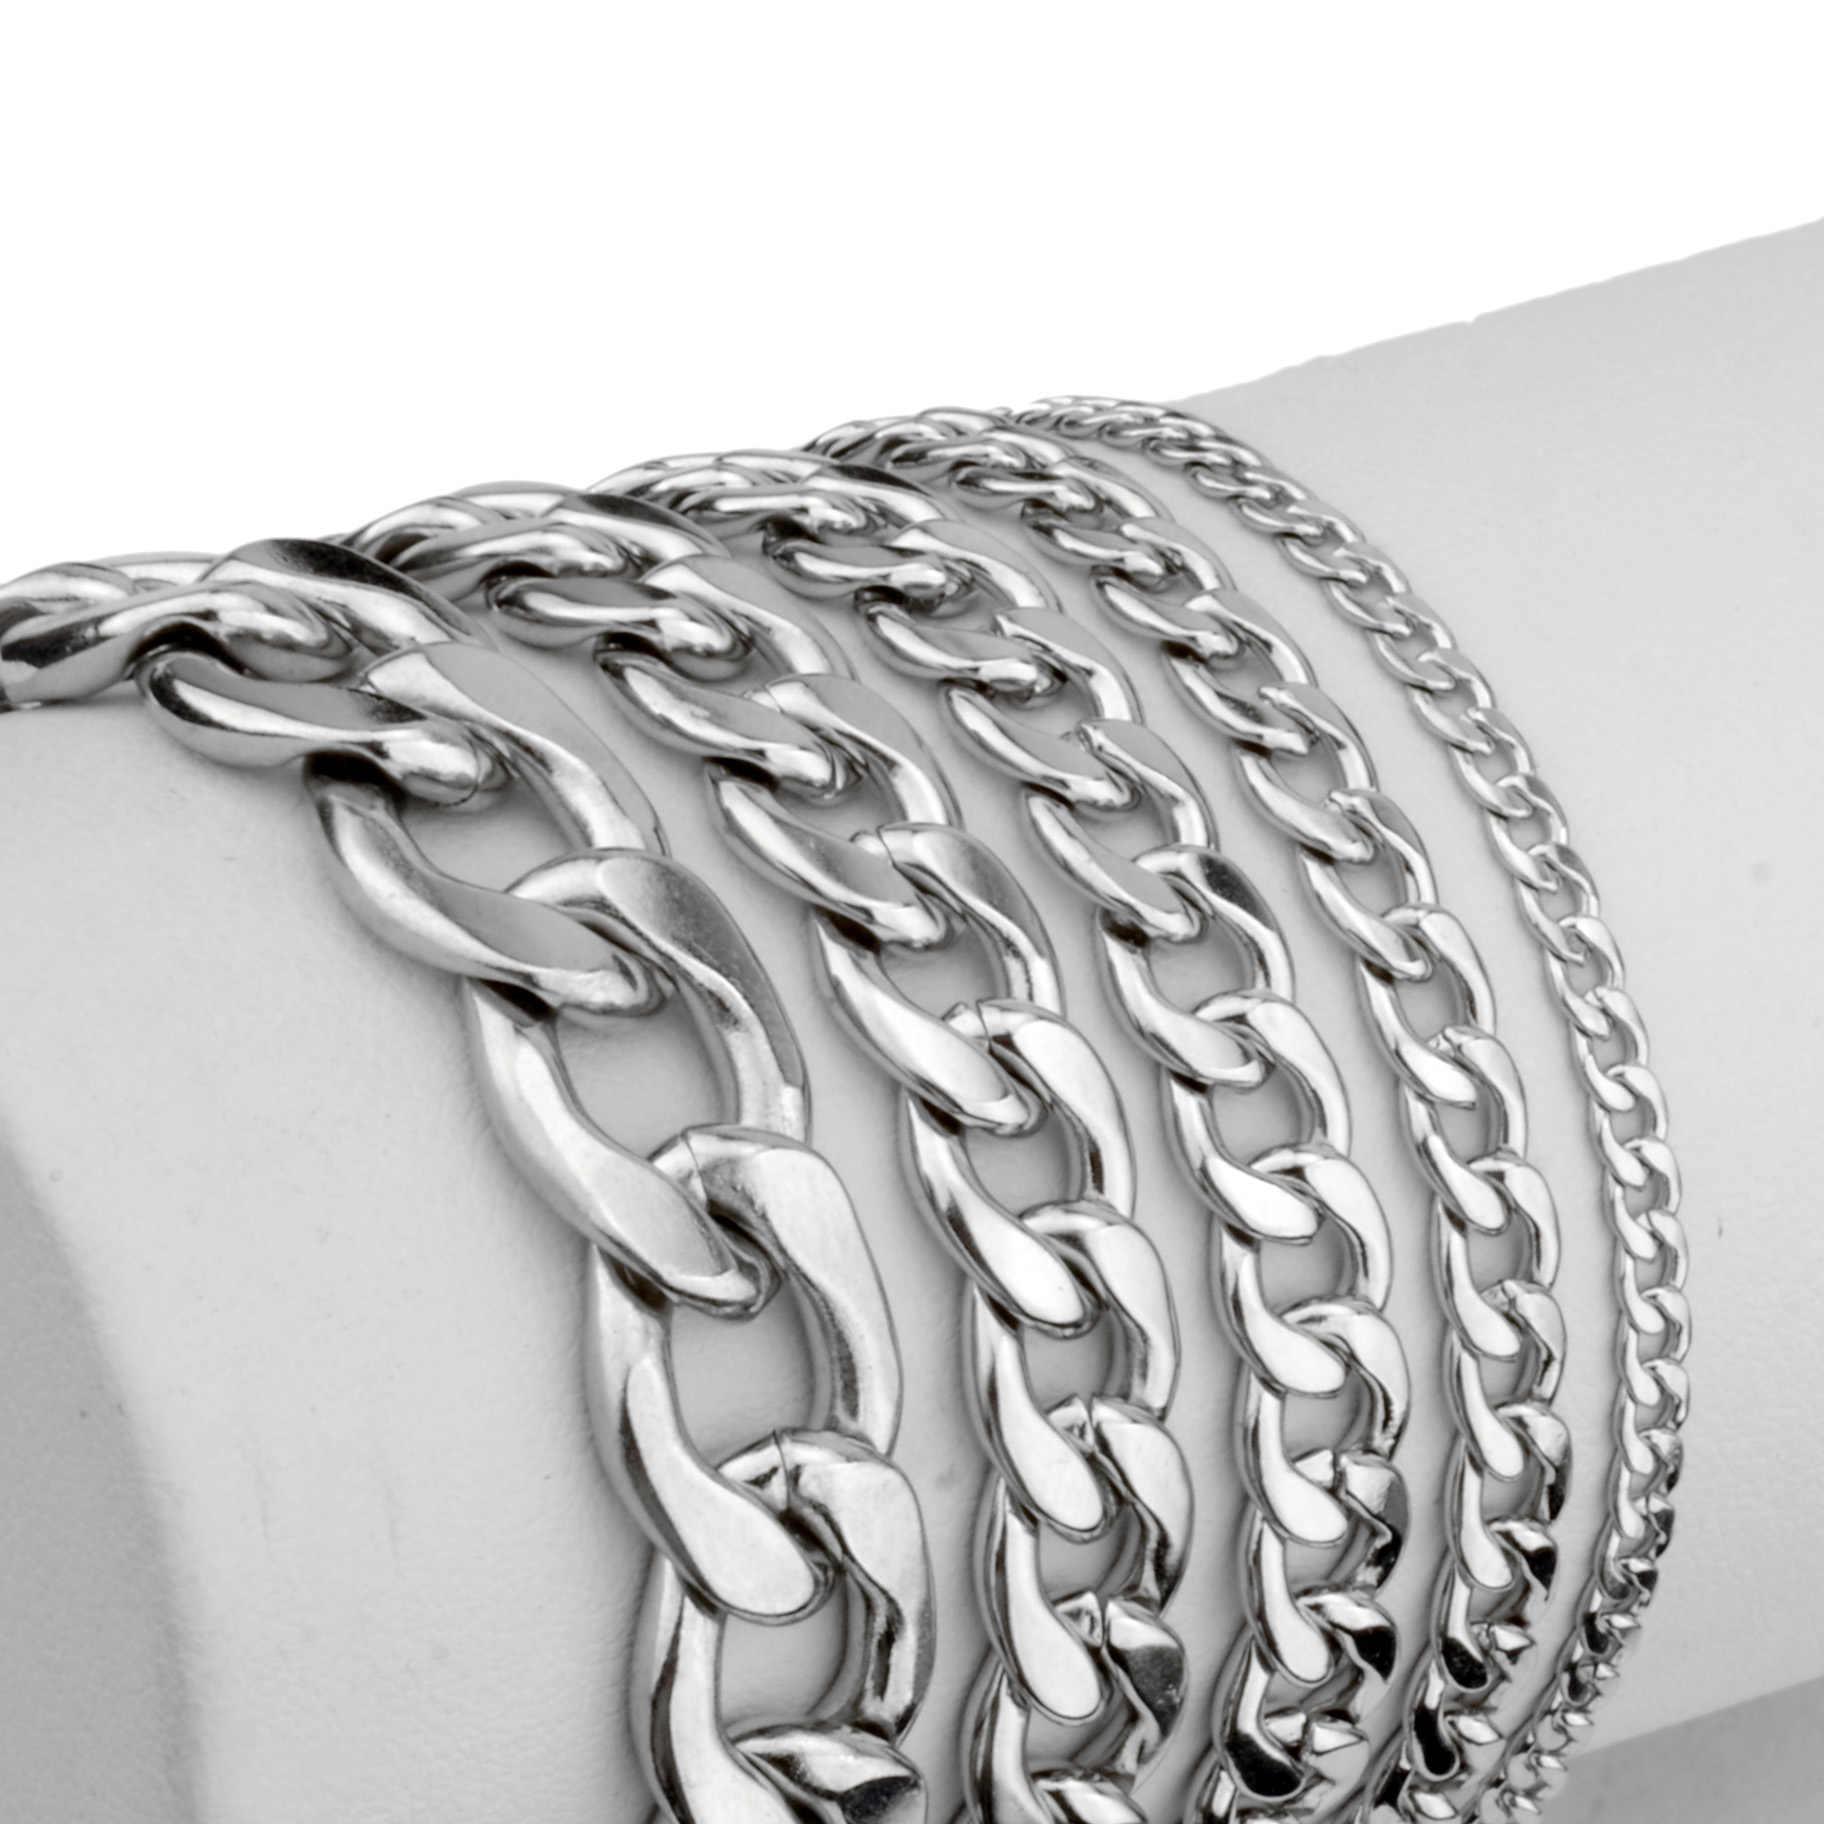 Maxmoon bransoletka męska łańcuch polerowana stal nierdzewna kolor srebrny łańcuchy bransoletka dla mężczyzn kubański Link 3/5/7/9/11mm